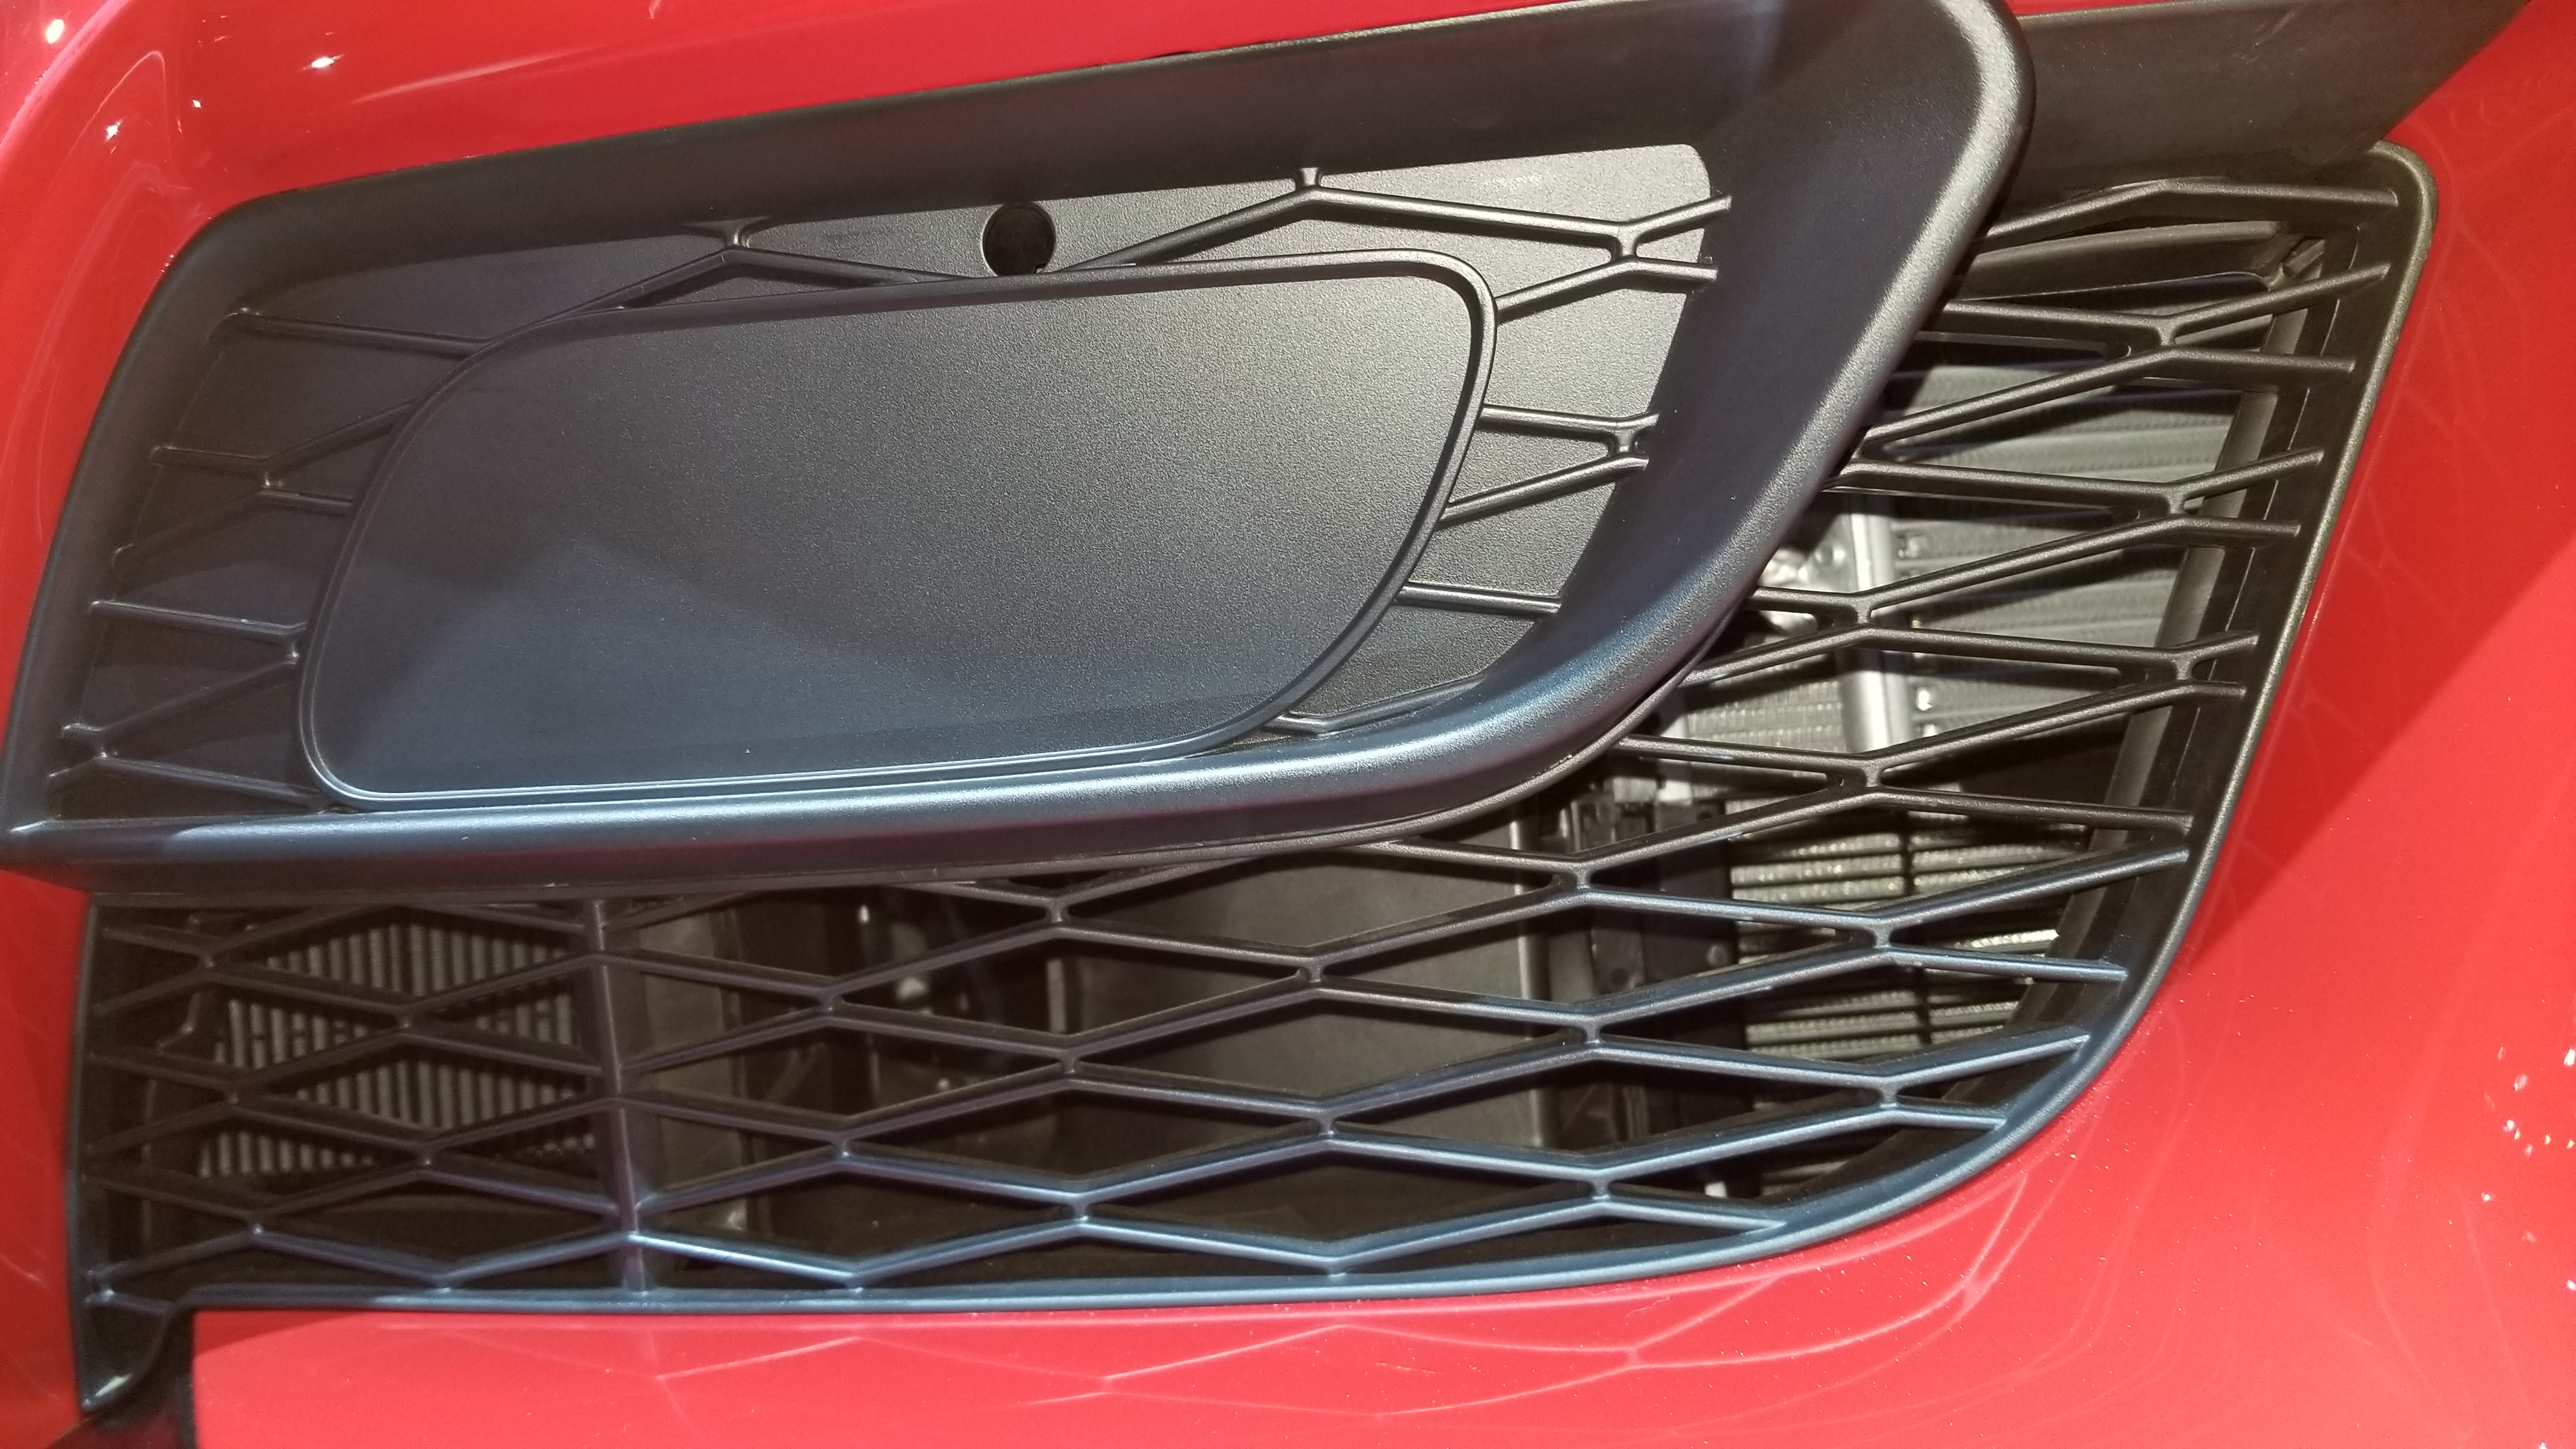 Уникальные технические подробности о 2020 Toyota Supra с фото и разъяснениями